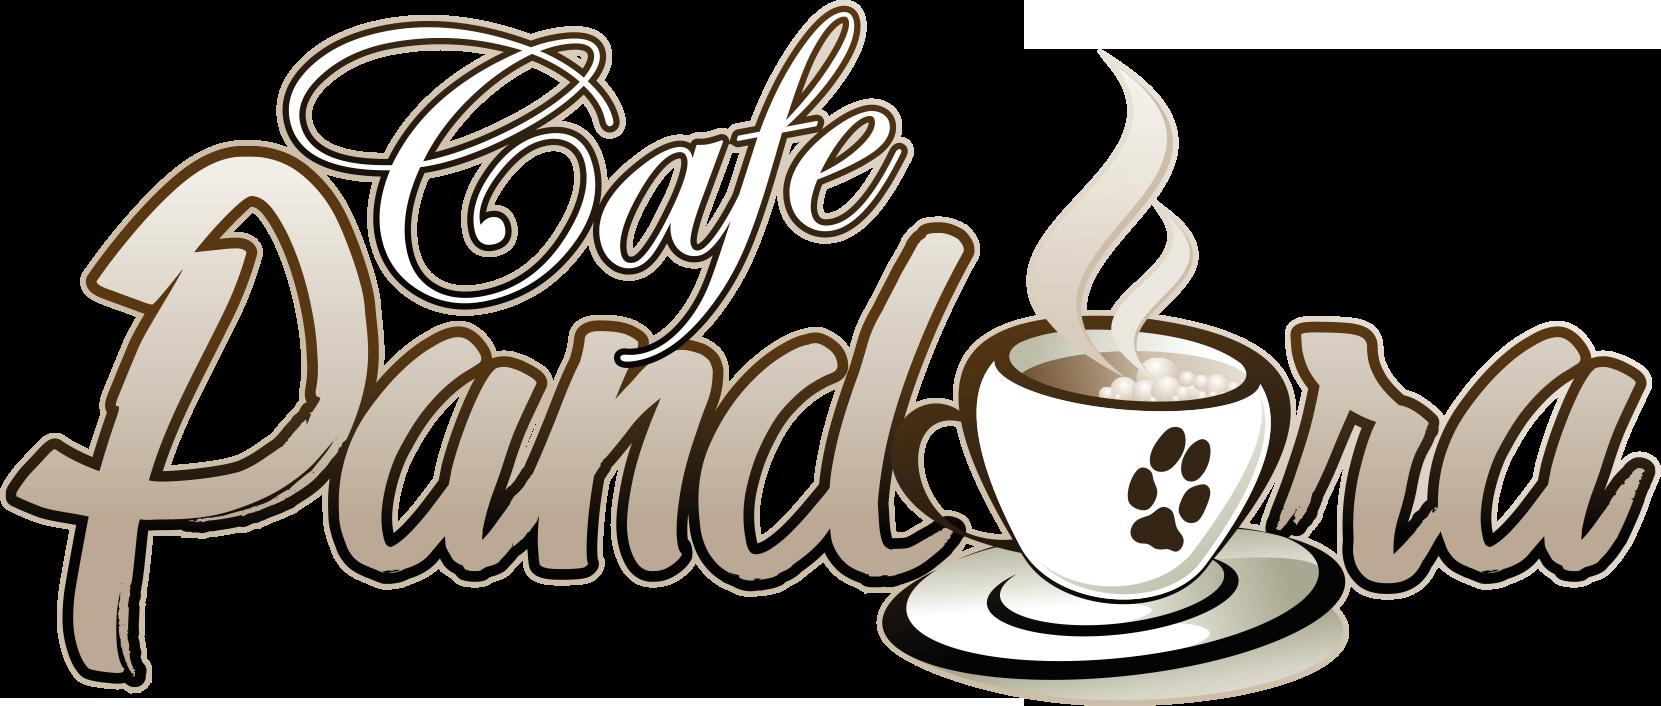 Cafe Pandora